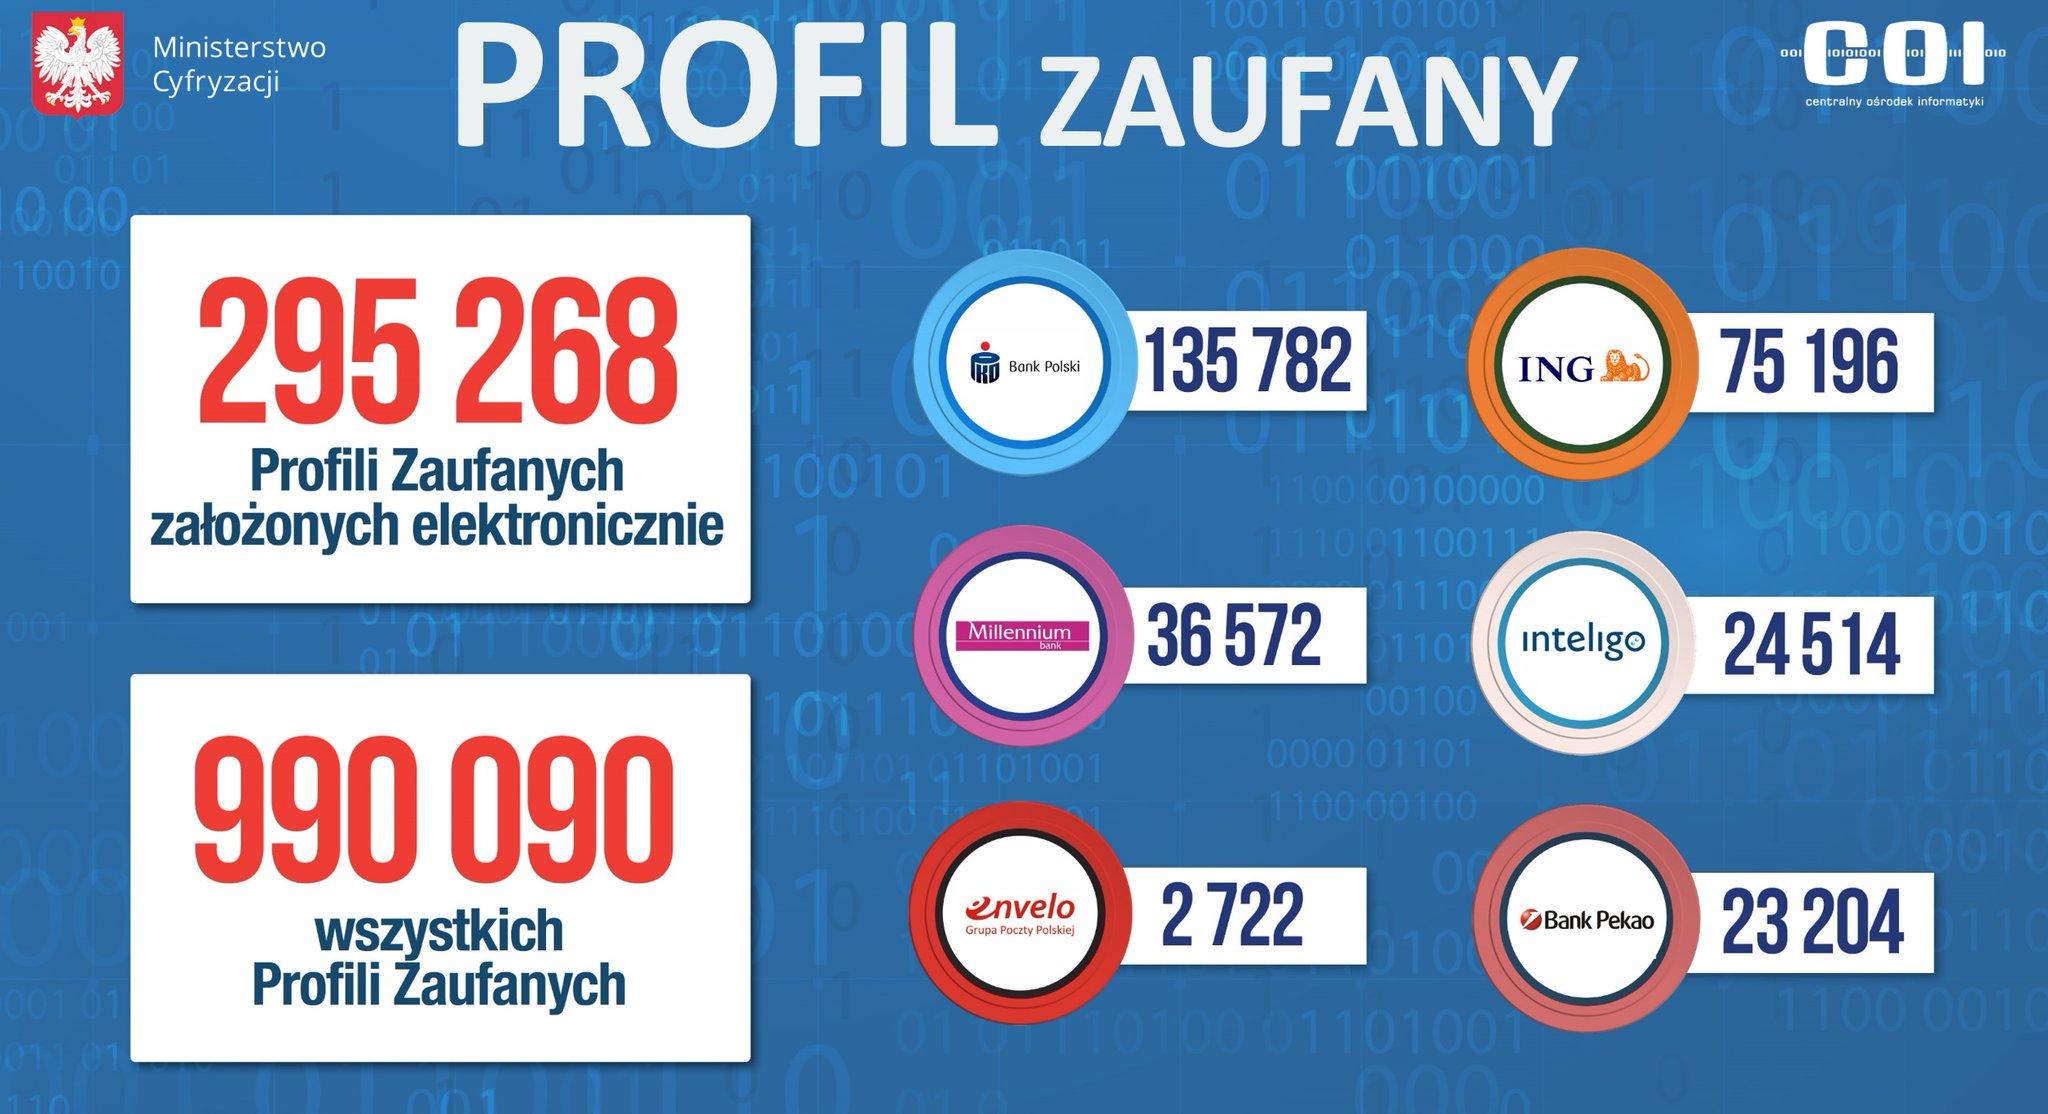 Profil Zaufany przez bankowość elektroniczną - dane Ministerstwa Cyfryzacji.